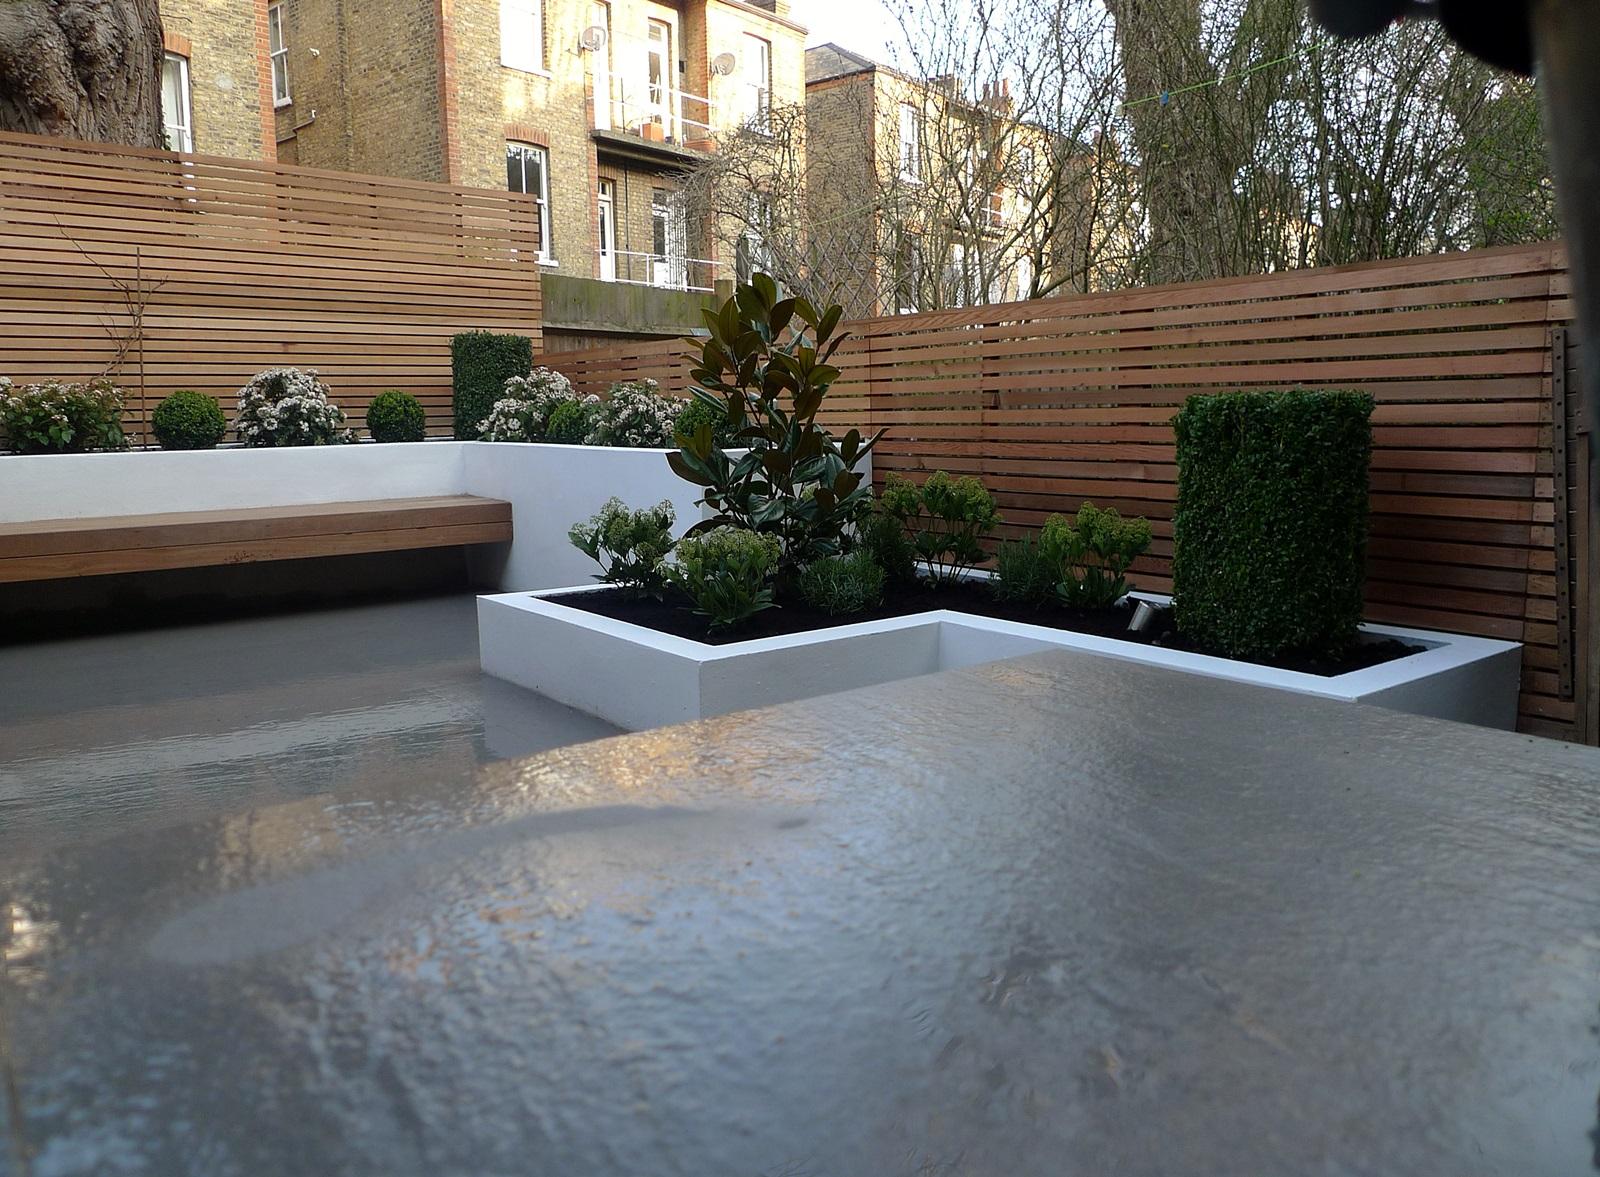 Garden design designer clapham balham battersea small low maintenance modern garden (11)